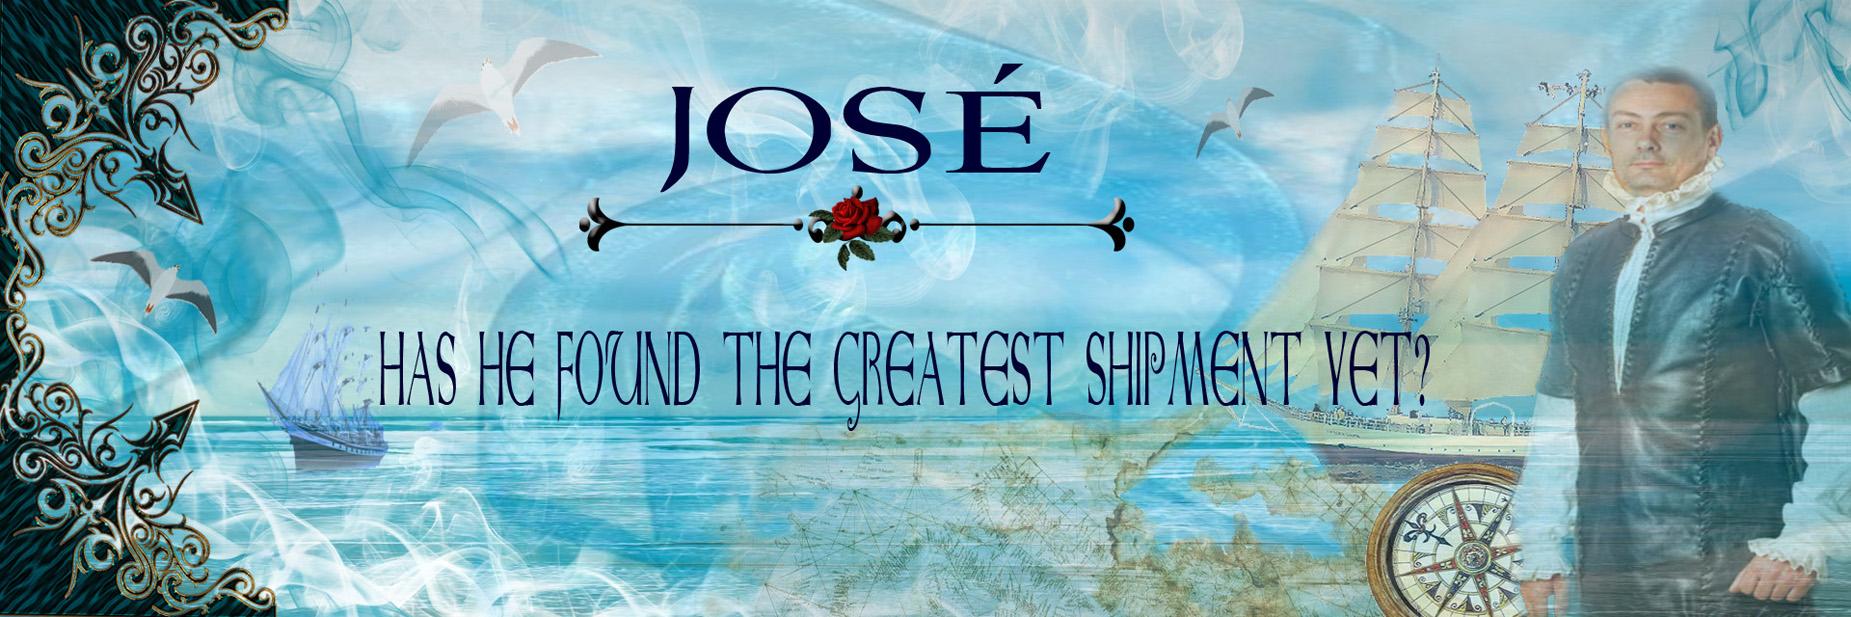 JoséHeader I,James